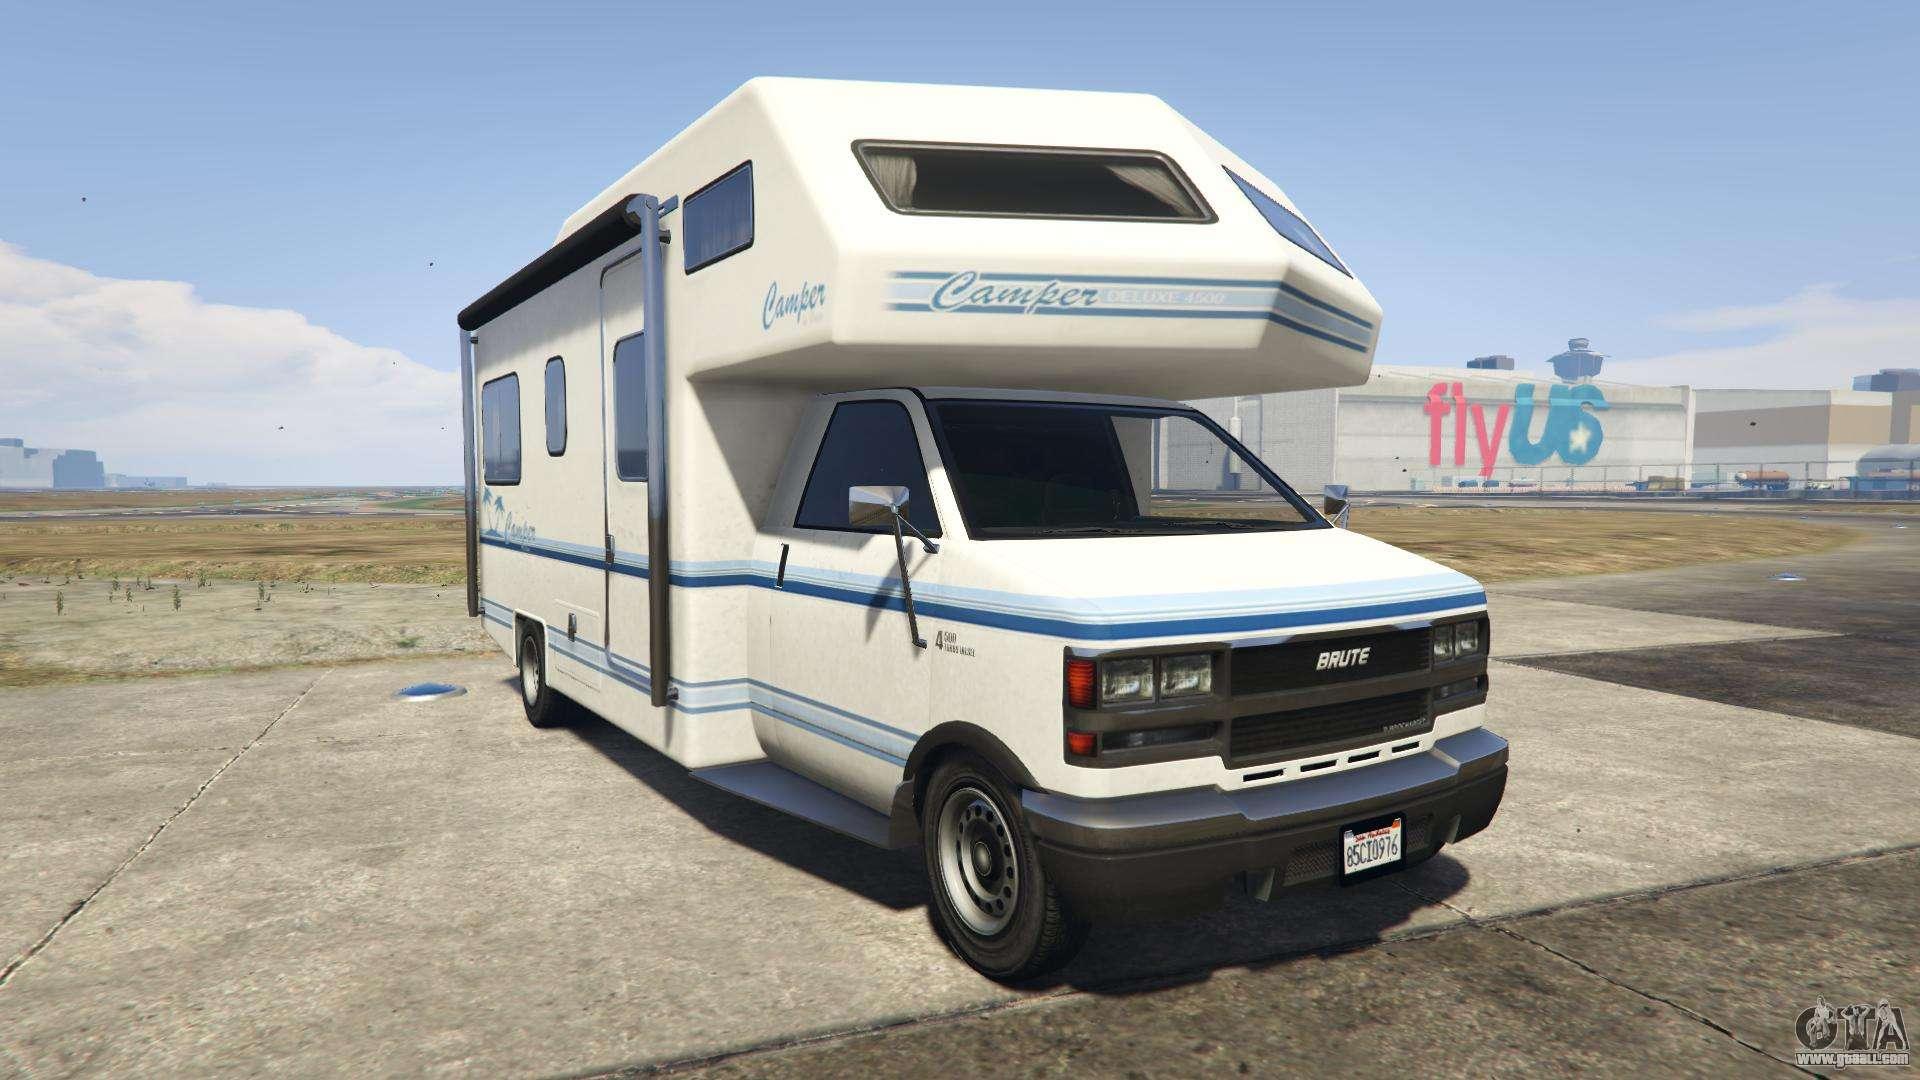 GTA 5 Brute Camper - front view